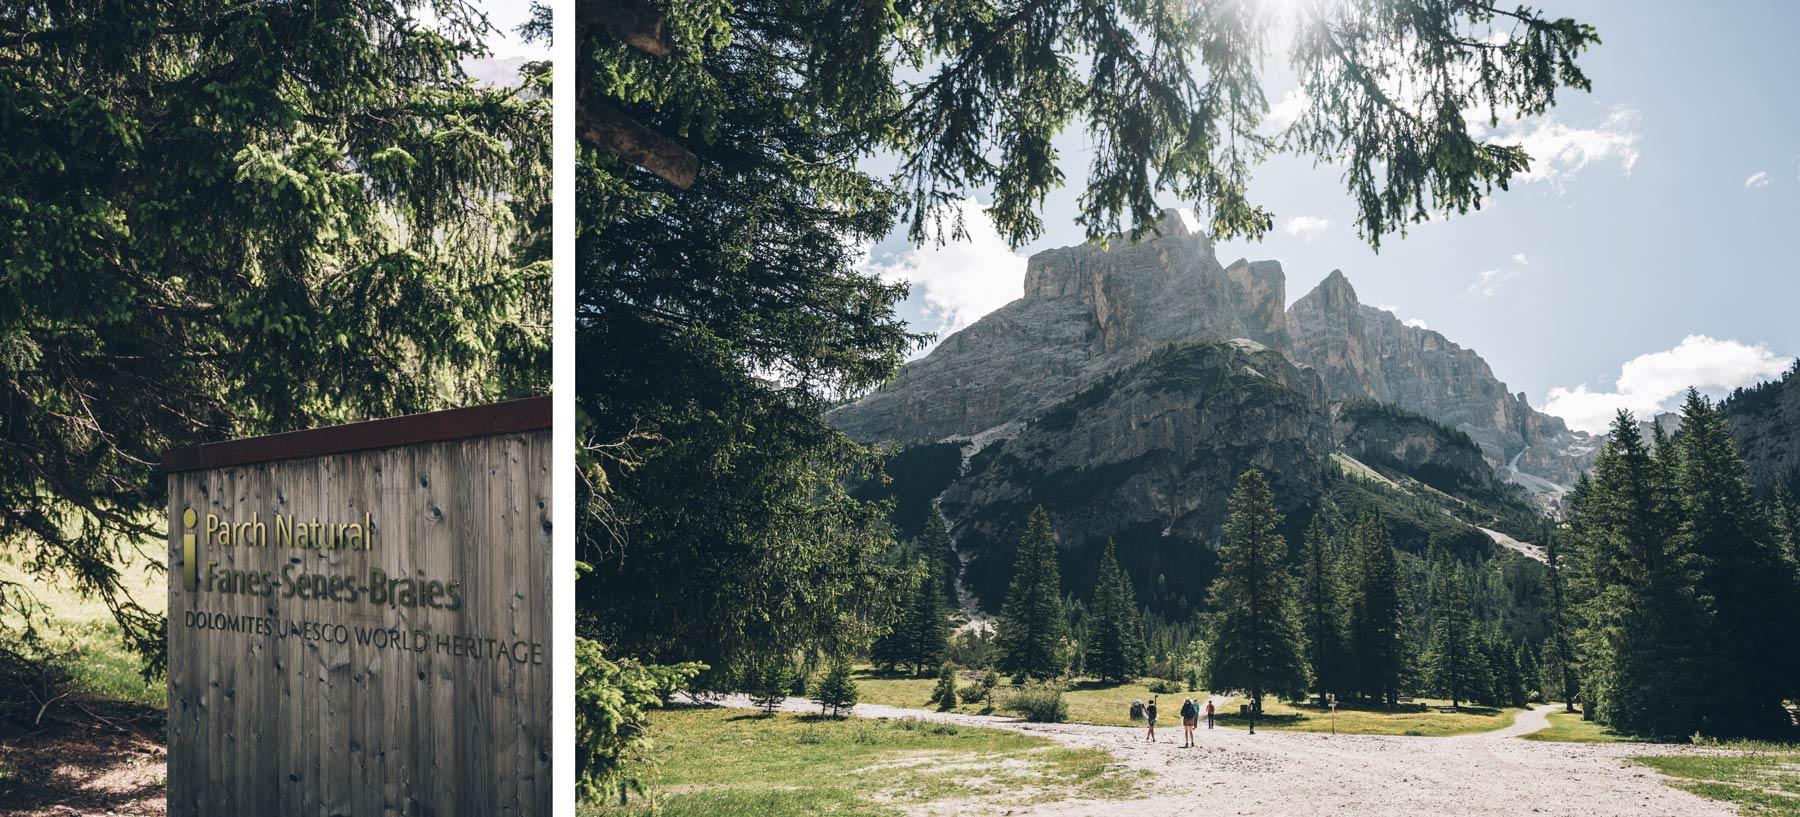 Parc naturel Fanes-Sennes-Braies